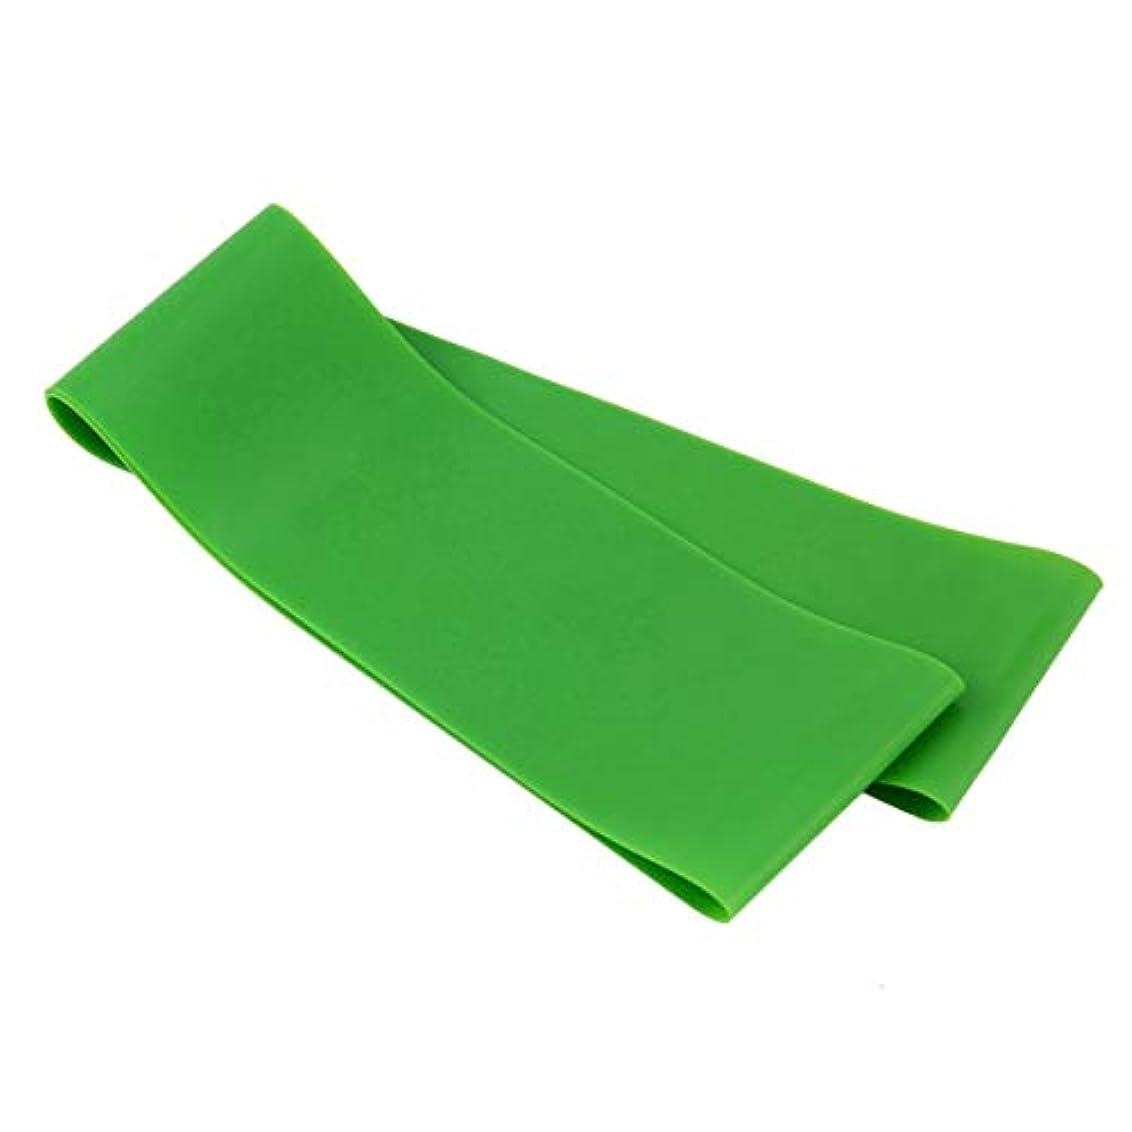 請求専制アライアンス滑り止め伸縮性ゴム弾性ヨガベルトバンドプルロープ張力抵抗バンドループ強度のためのフィットネスヨガツール - グリーン